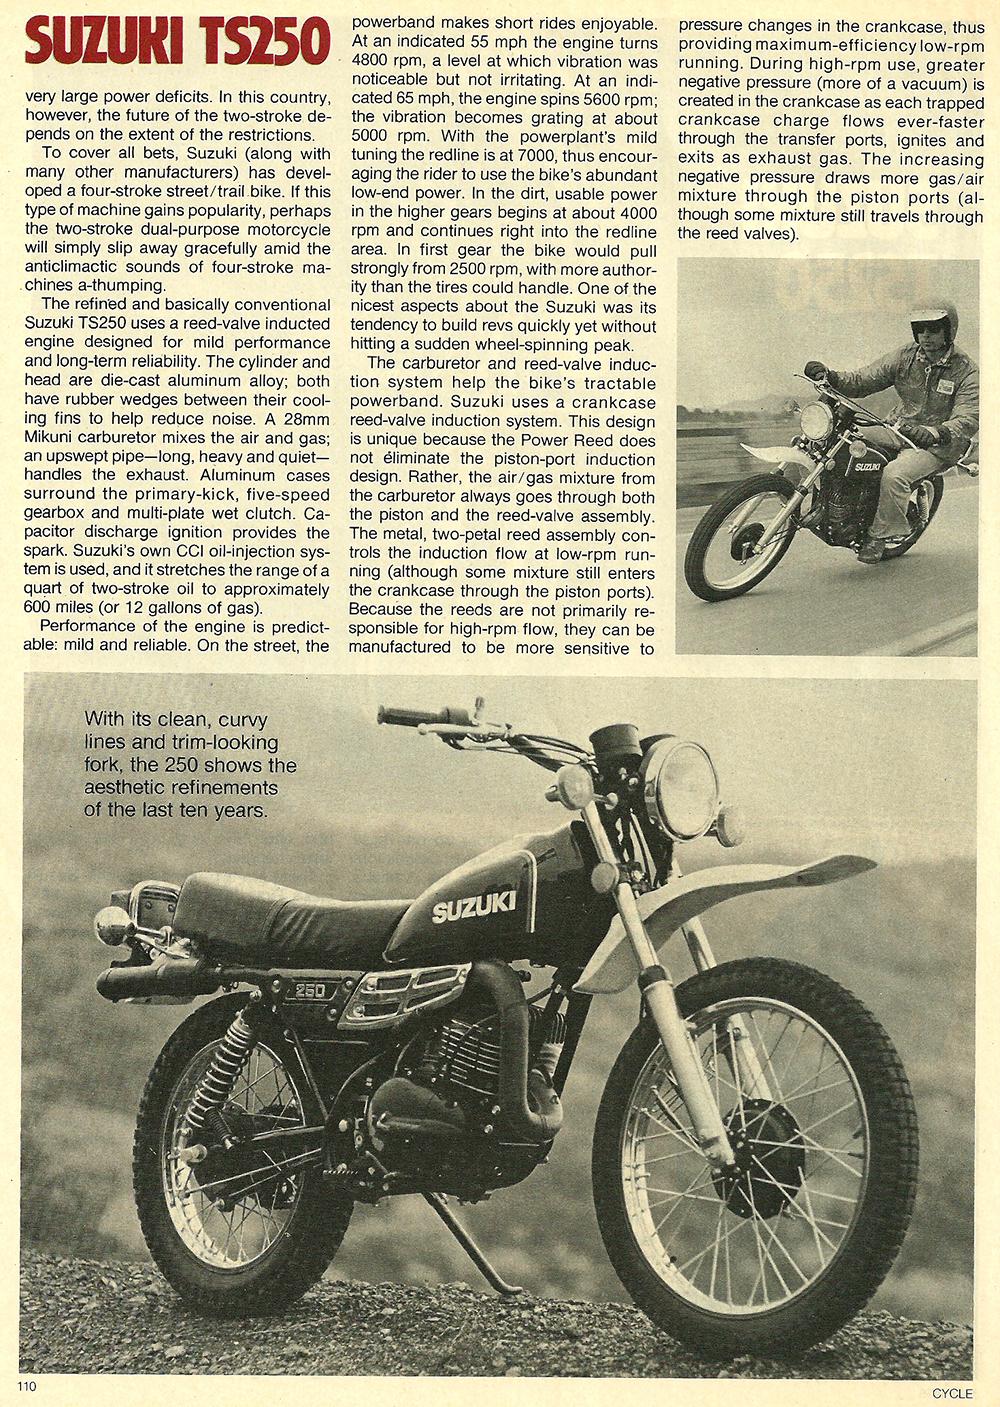 1978 Suzuki TS250 road test 02.jpg